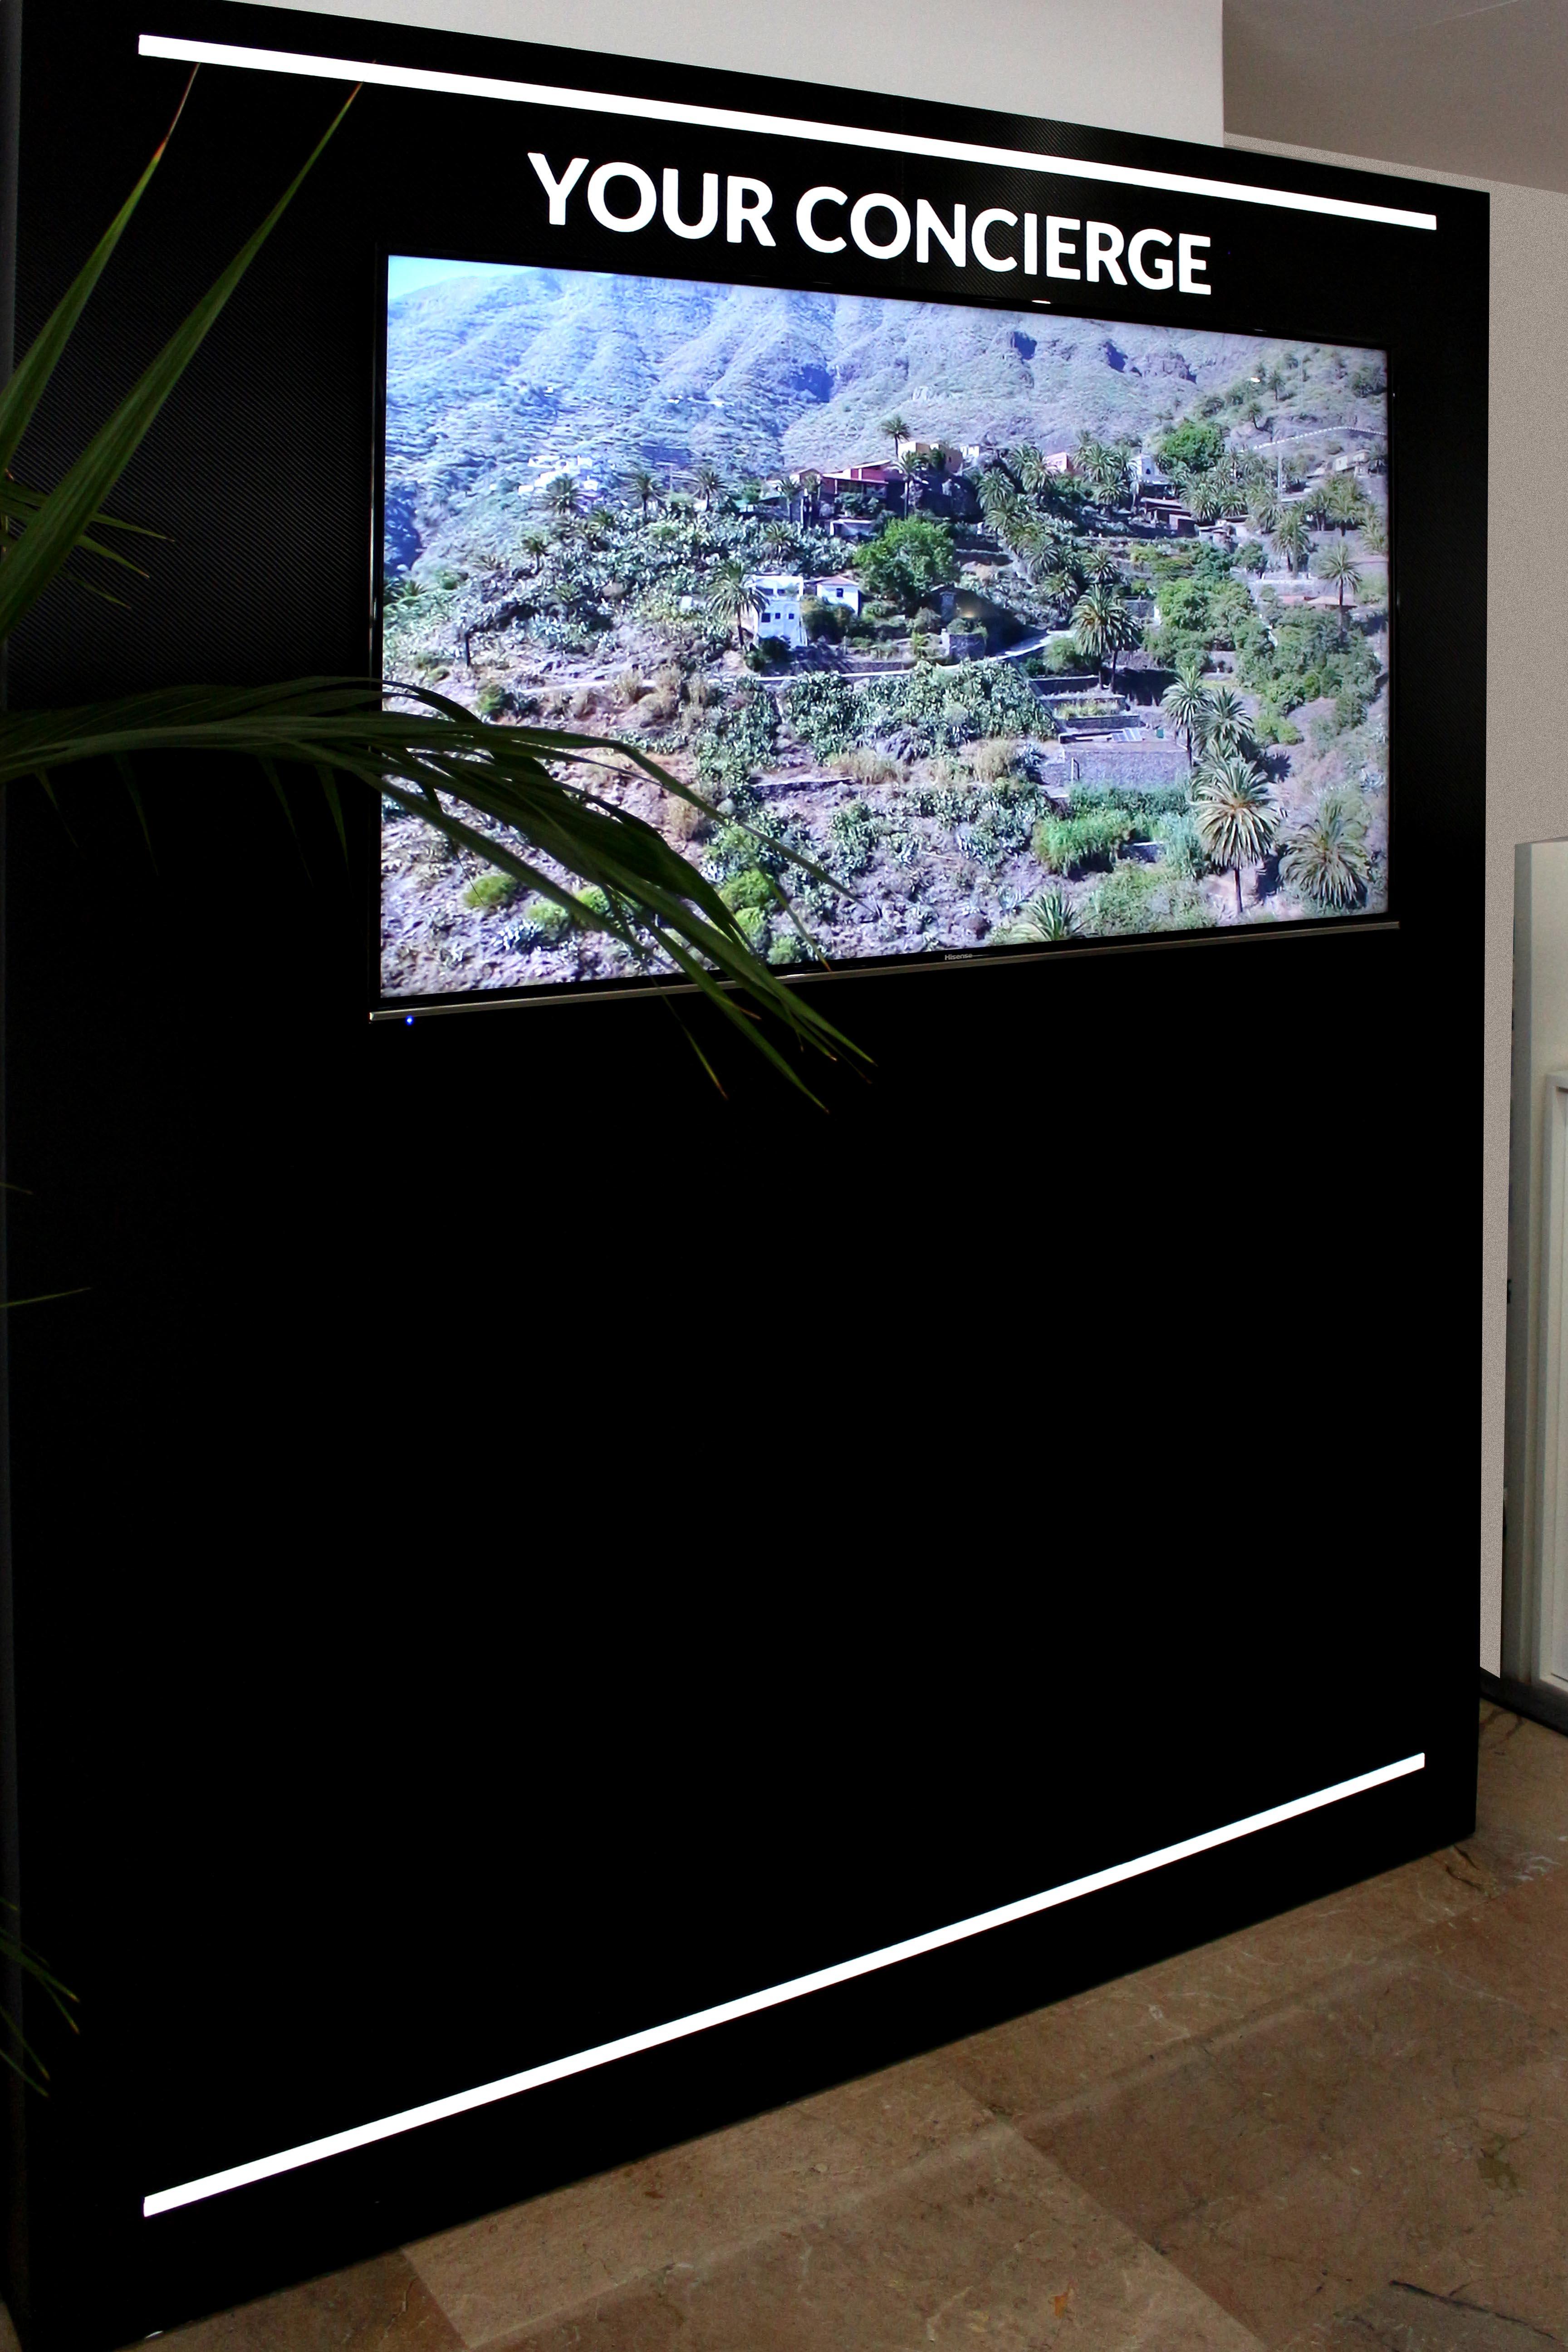 Mobiliario corporativo en punto de venta, Tenerife